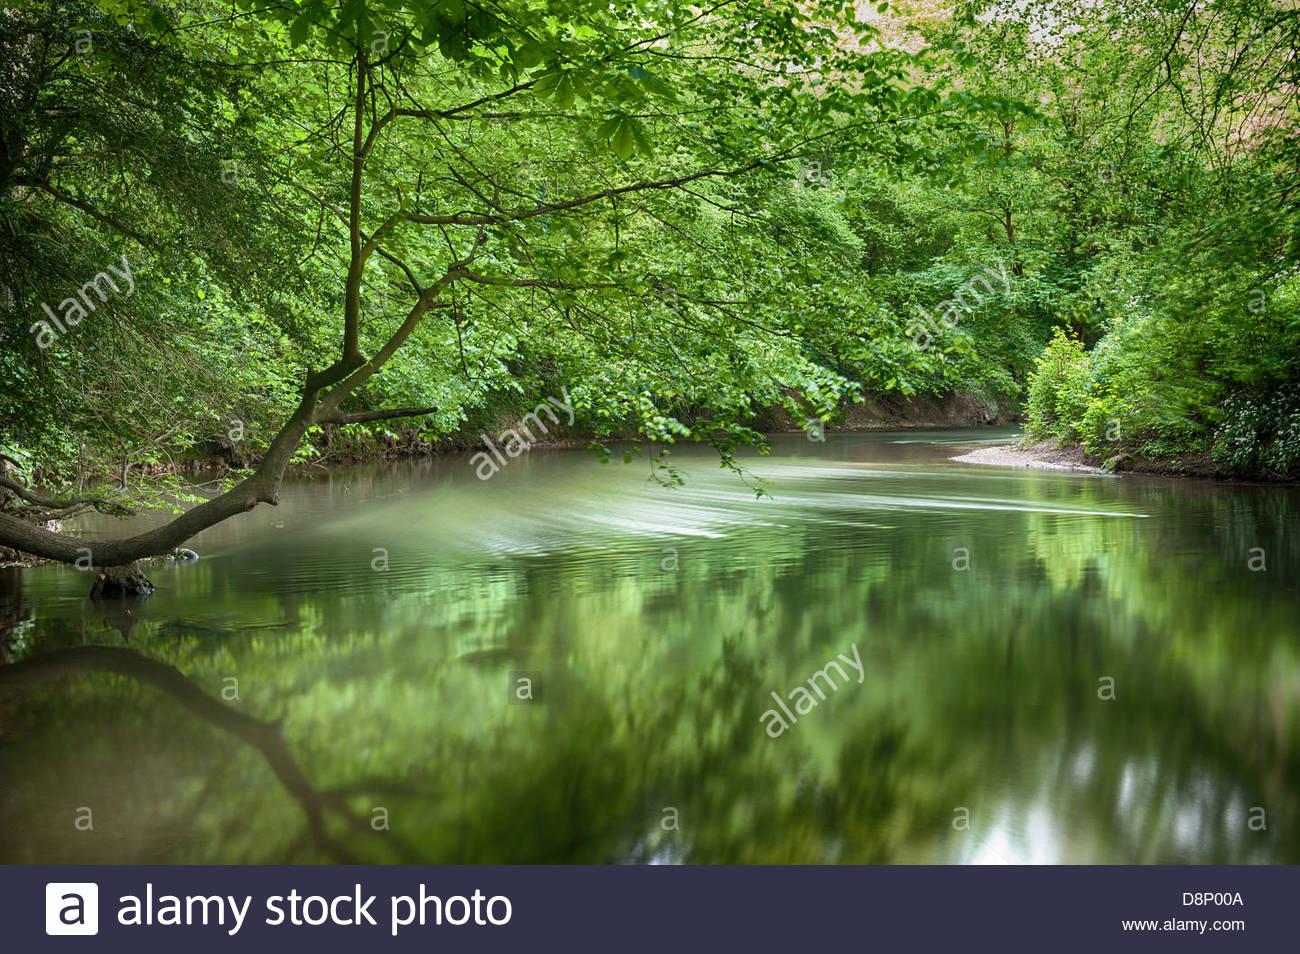 L'eau Douce De La Rivière Qui Coule Une Paisible Cachée dedans Arbre A Taupe